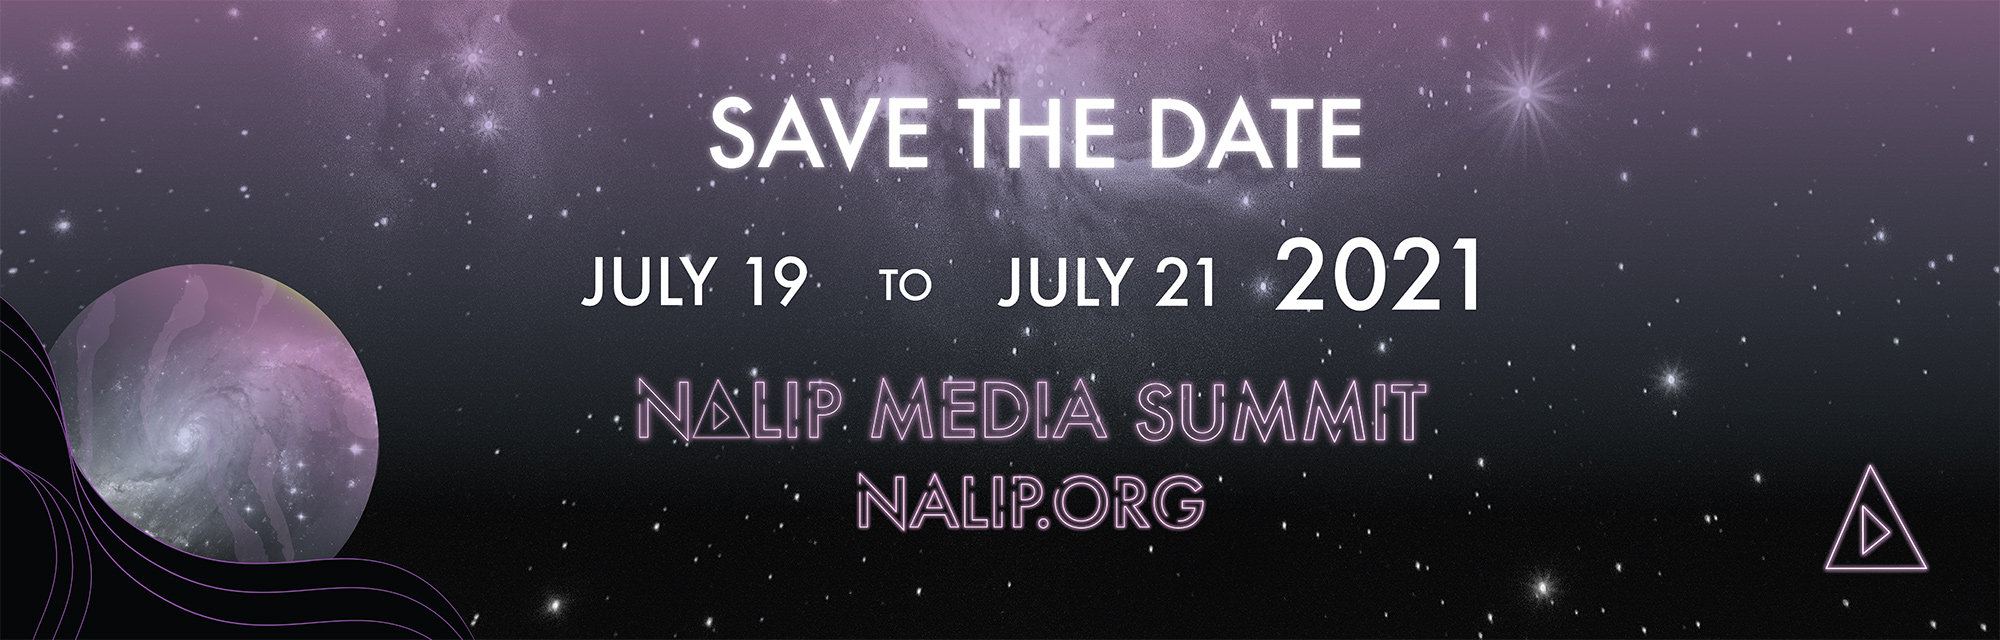 <strong>NALIP Media Summit</strong> 2021